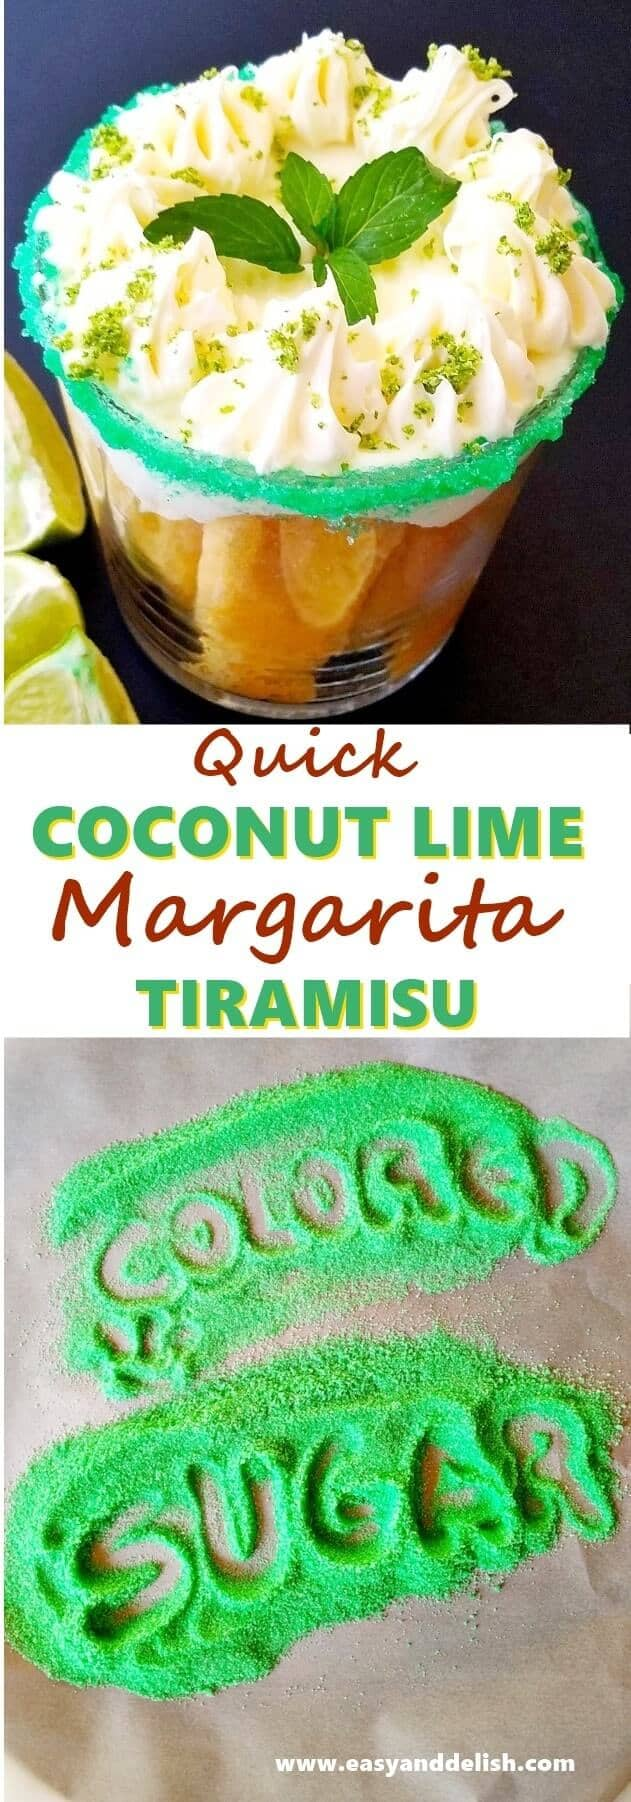 collage and close up of coconut tiramisu